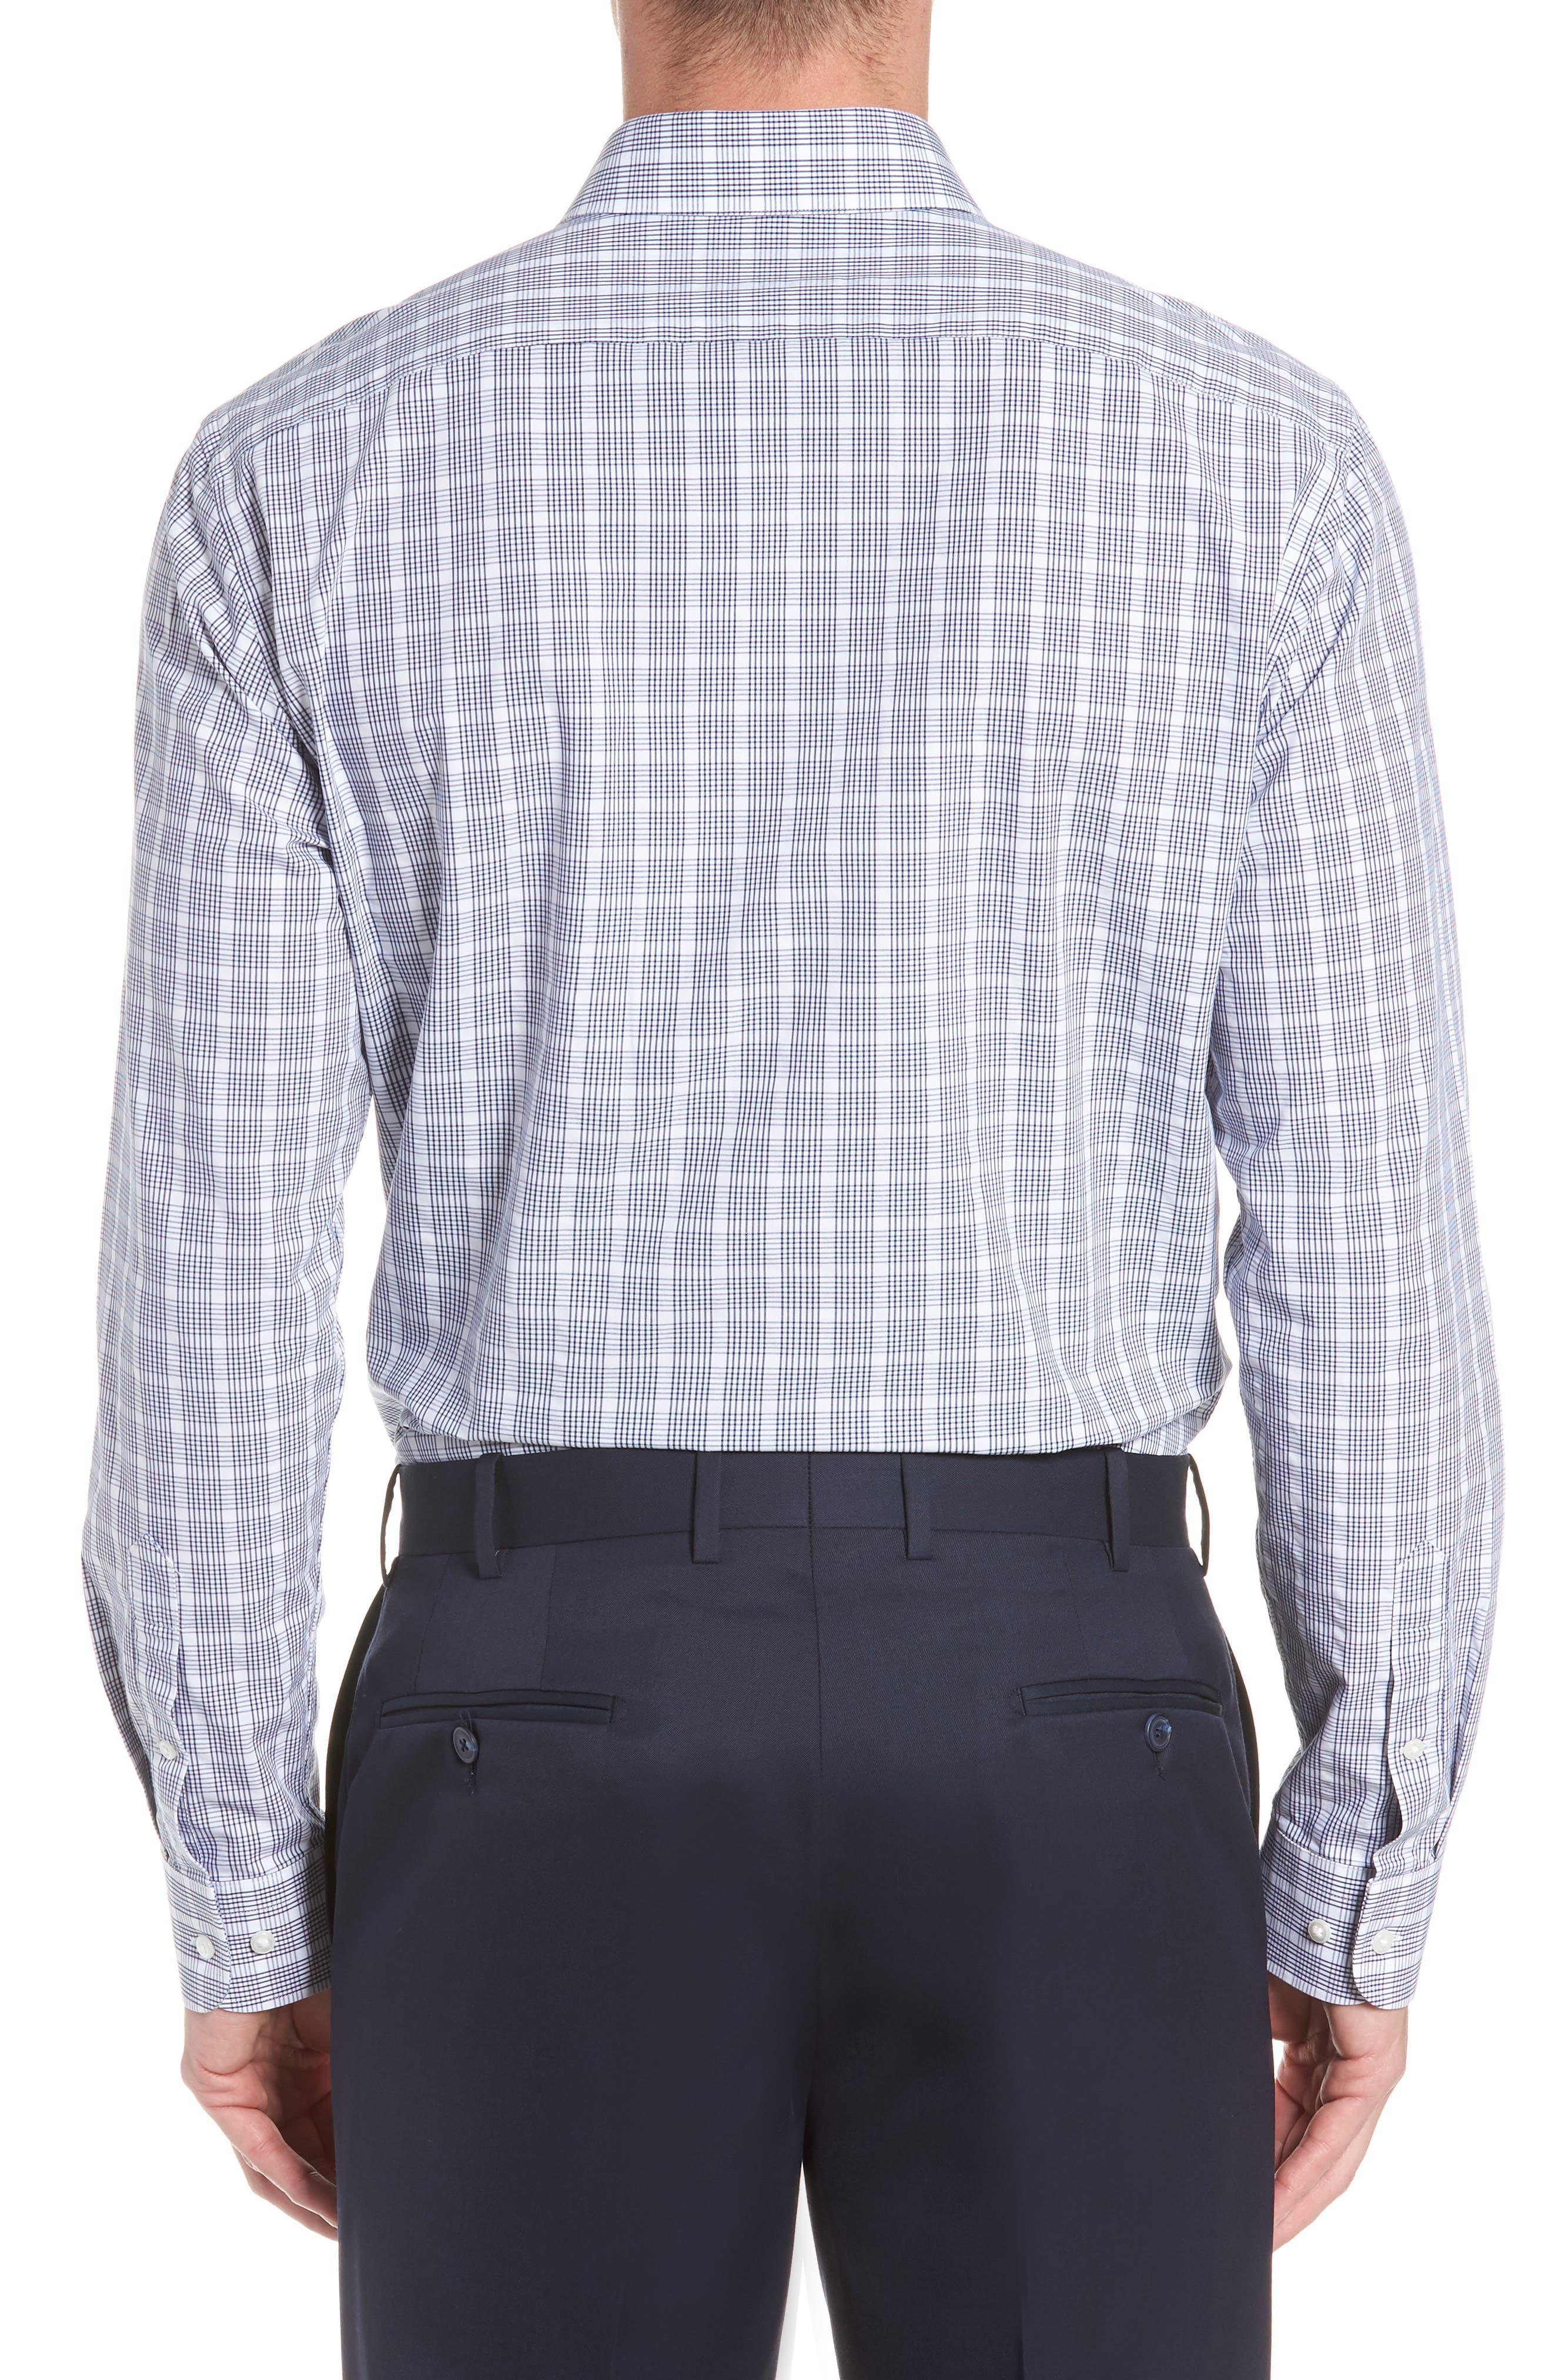 Tech-Smart Trim Fit Plaid Dress Shirt,                             Alternate thumbnail 3, color,                             410